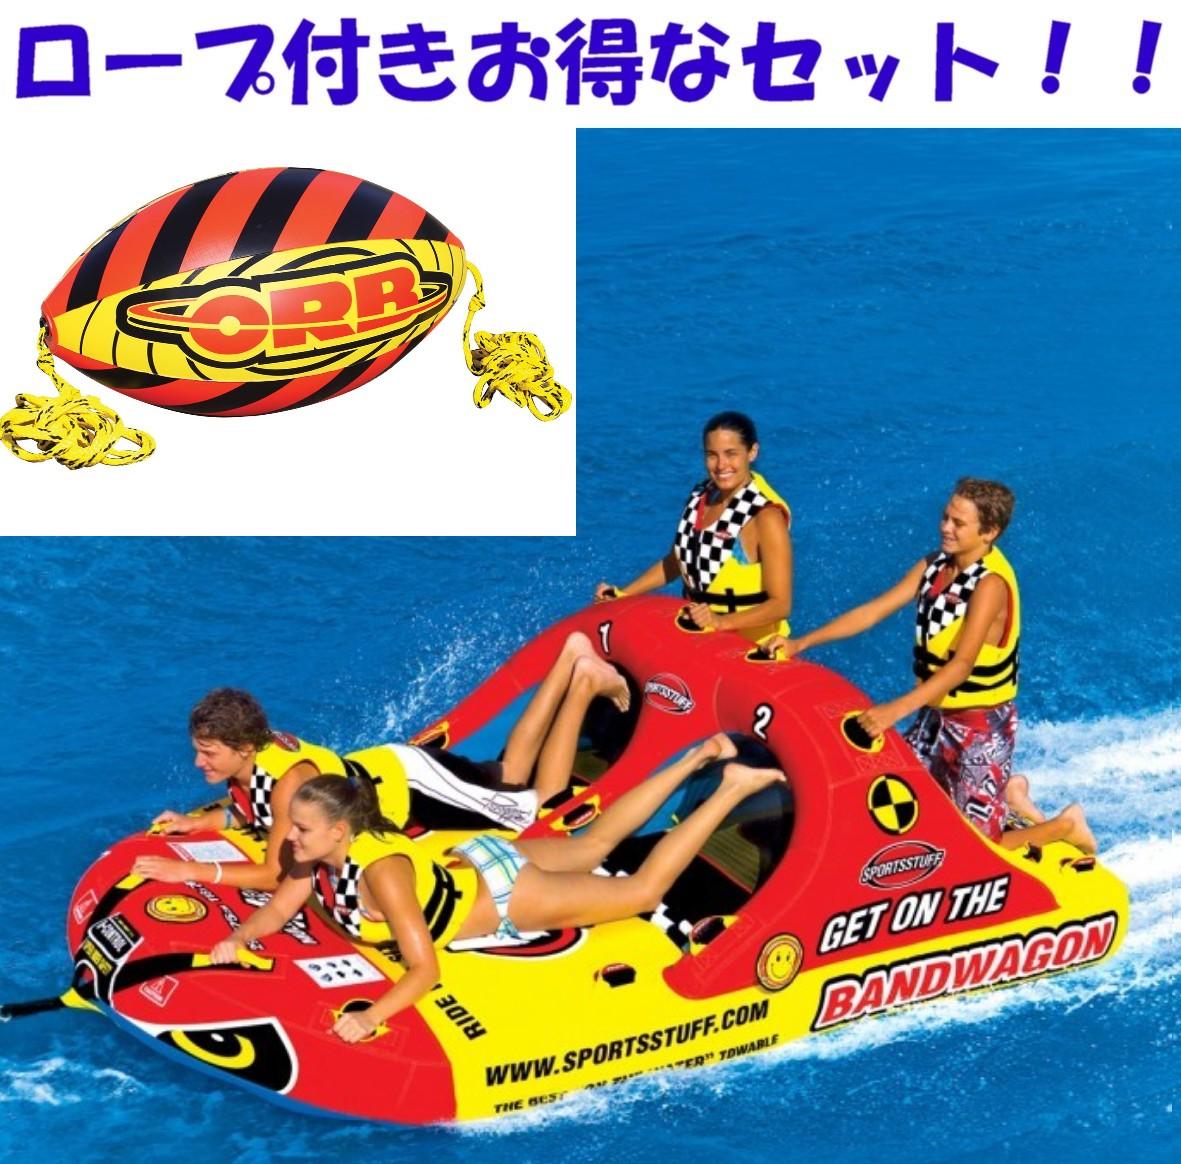 SPORTSSTUFF BANDWAGON 2+2 4人乗り バンドワゴントーイングチューブ/ウォータートーイ/バナナボート/53-1620 ブースターボール付き